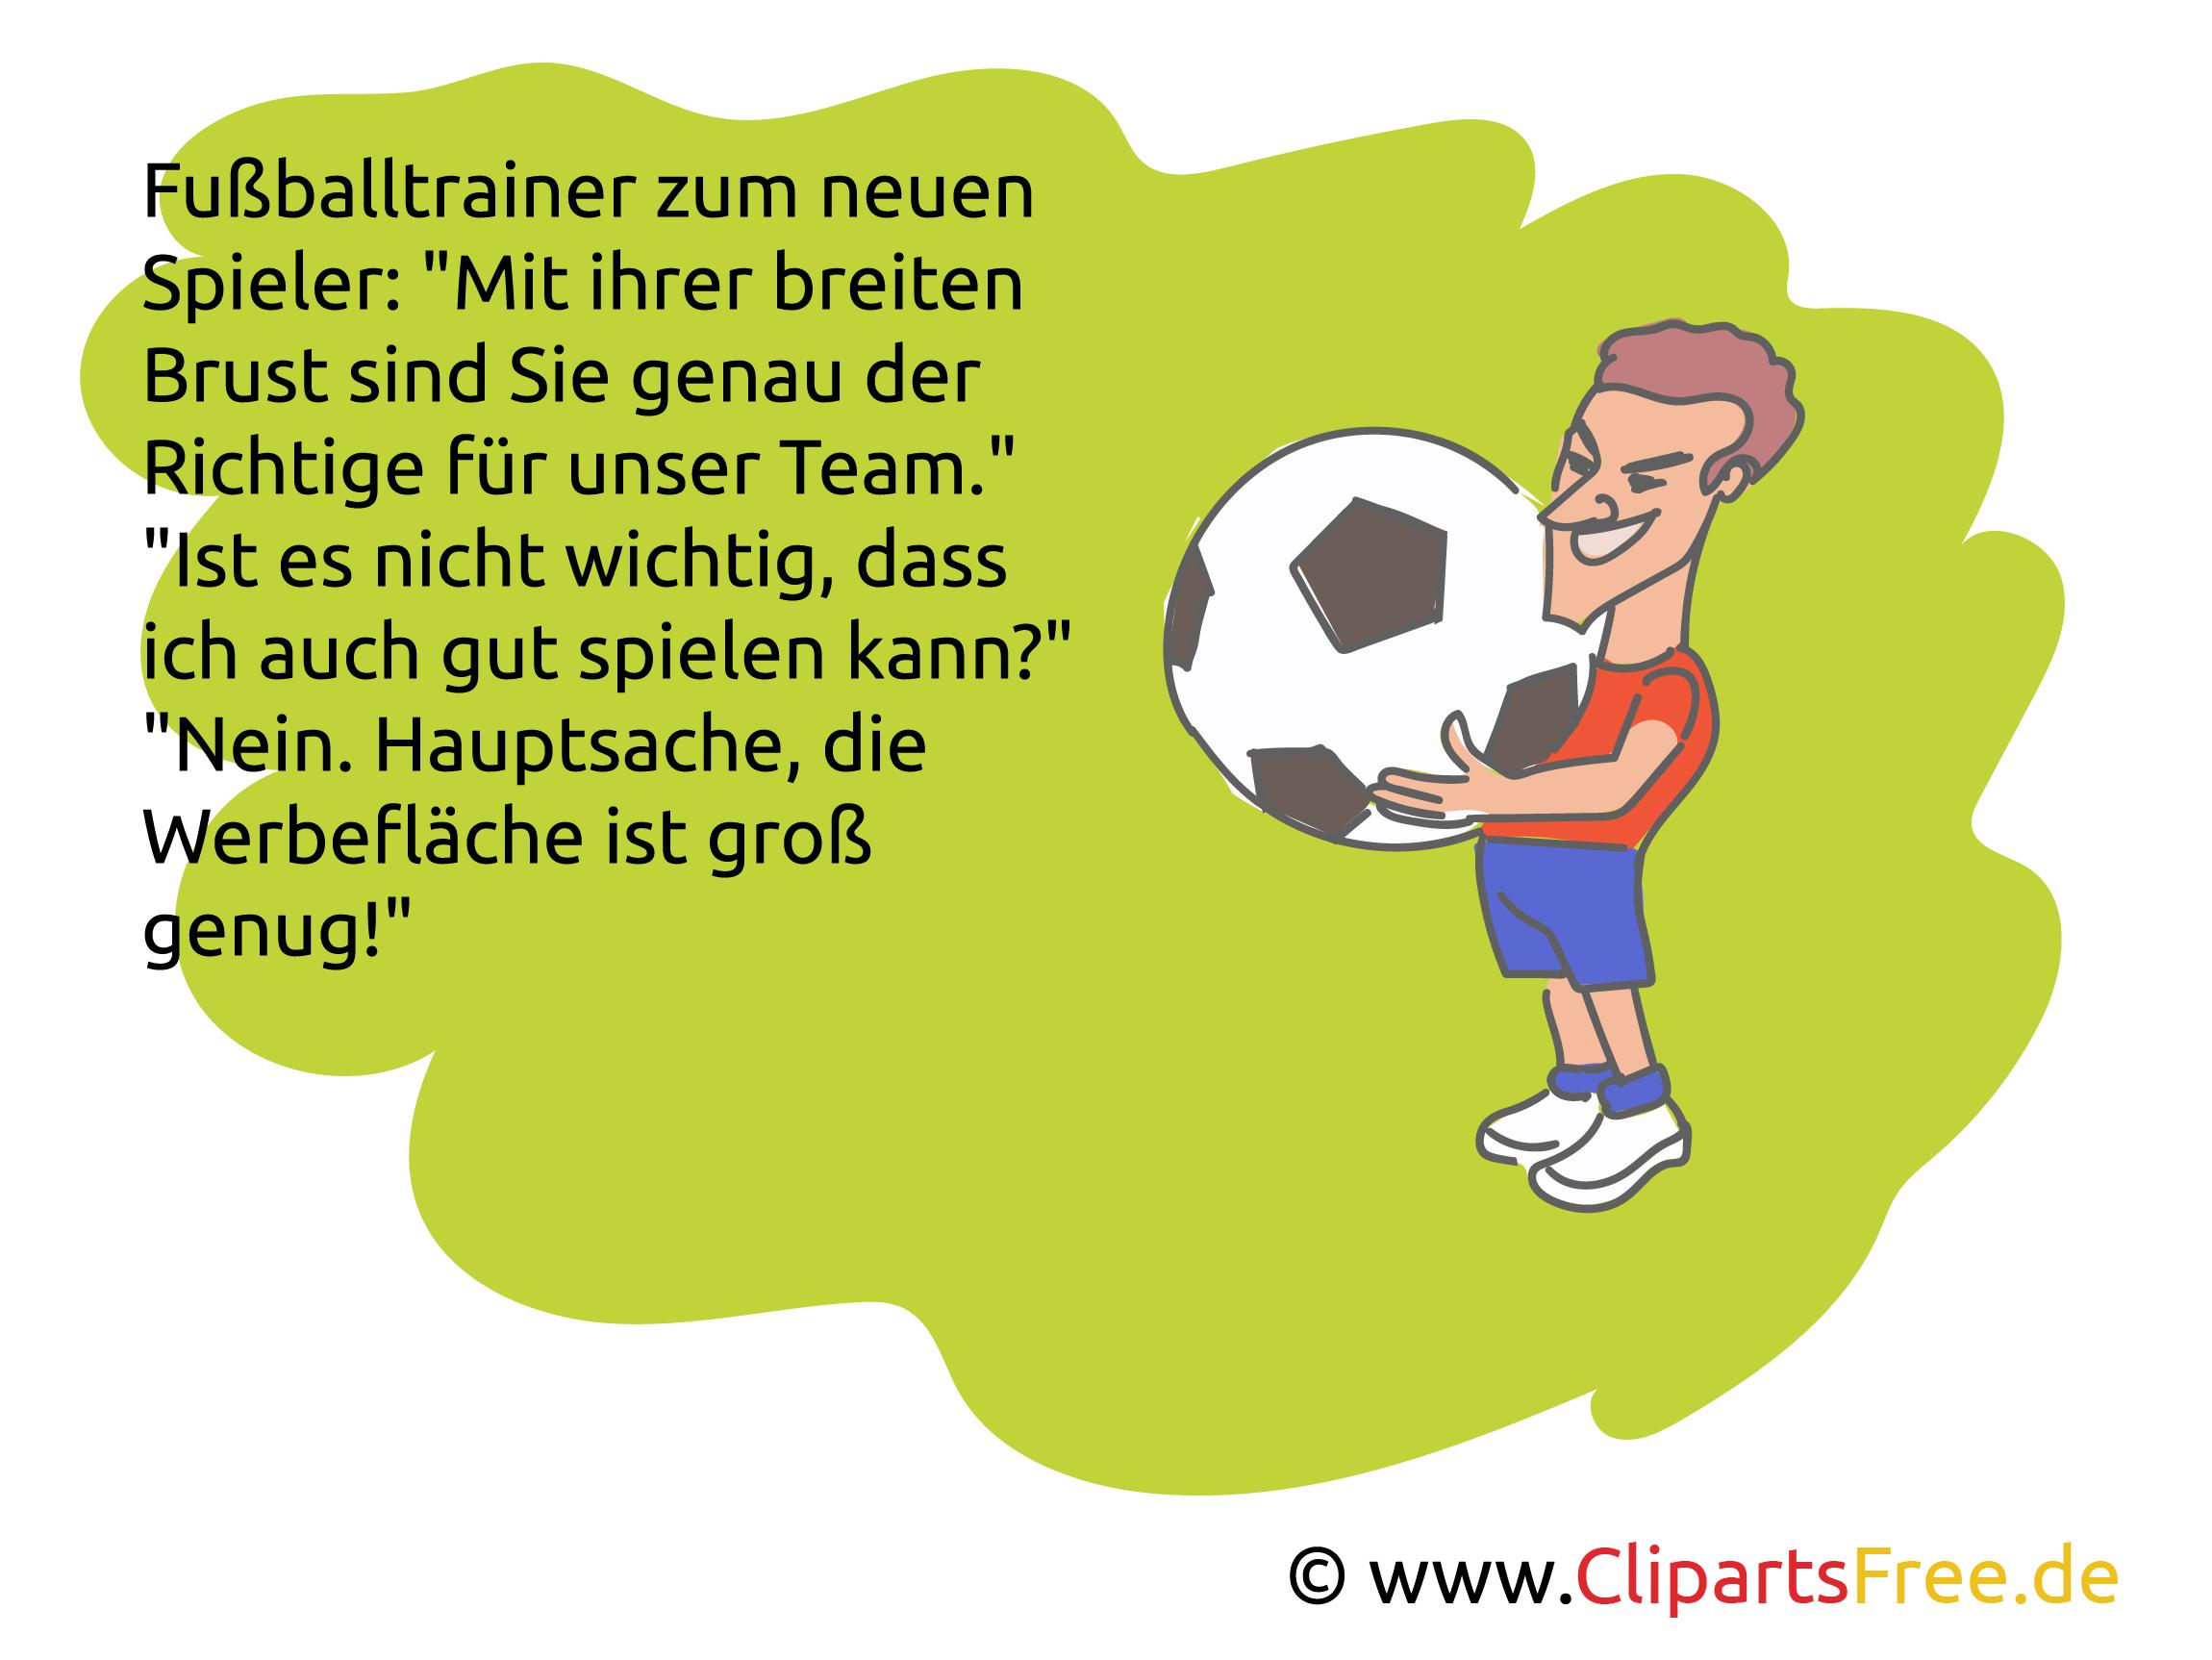 Lustige Fußball-Witze über Schiedsrichter und Spieler